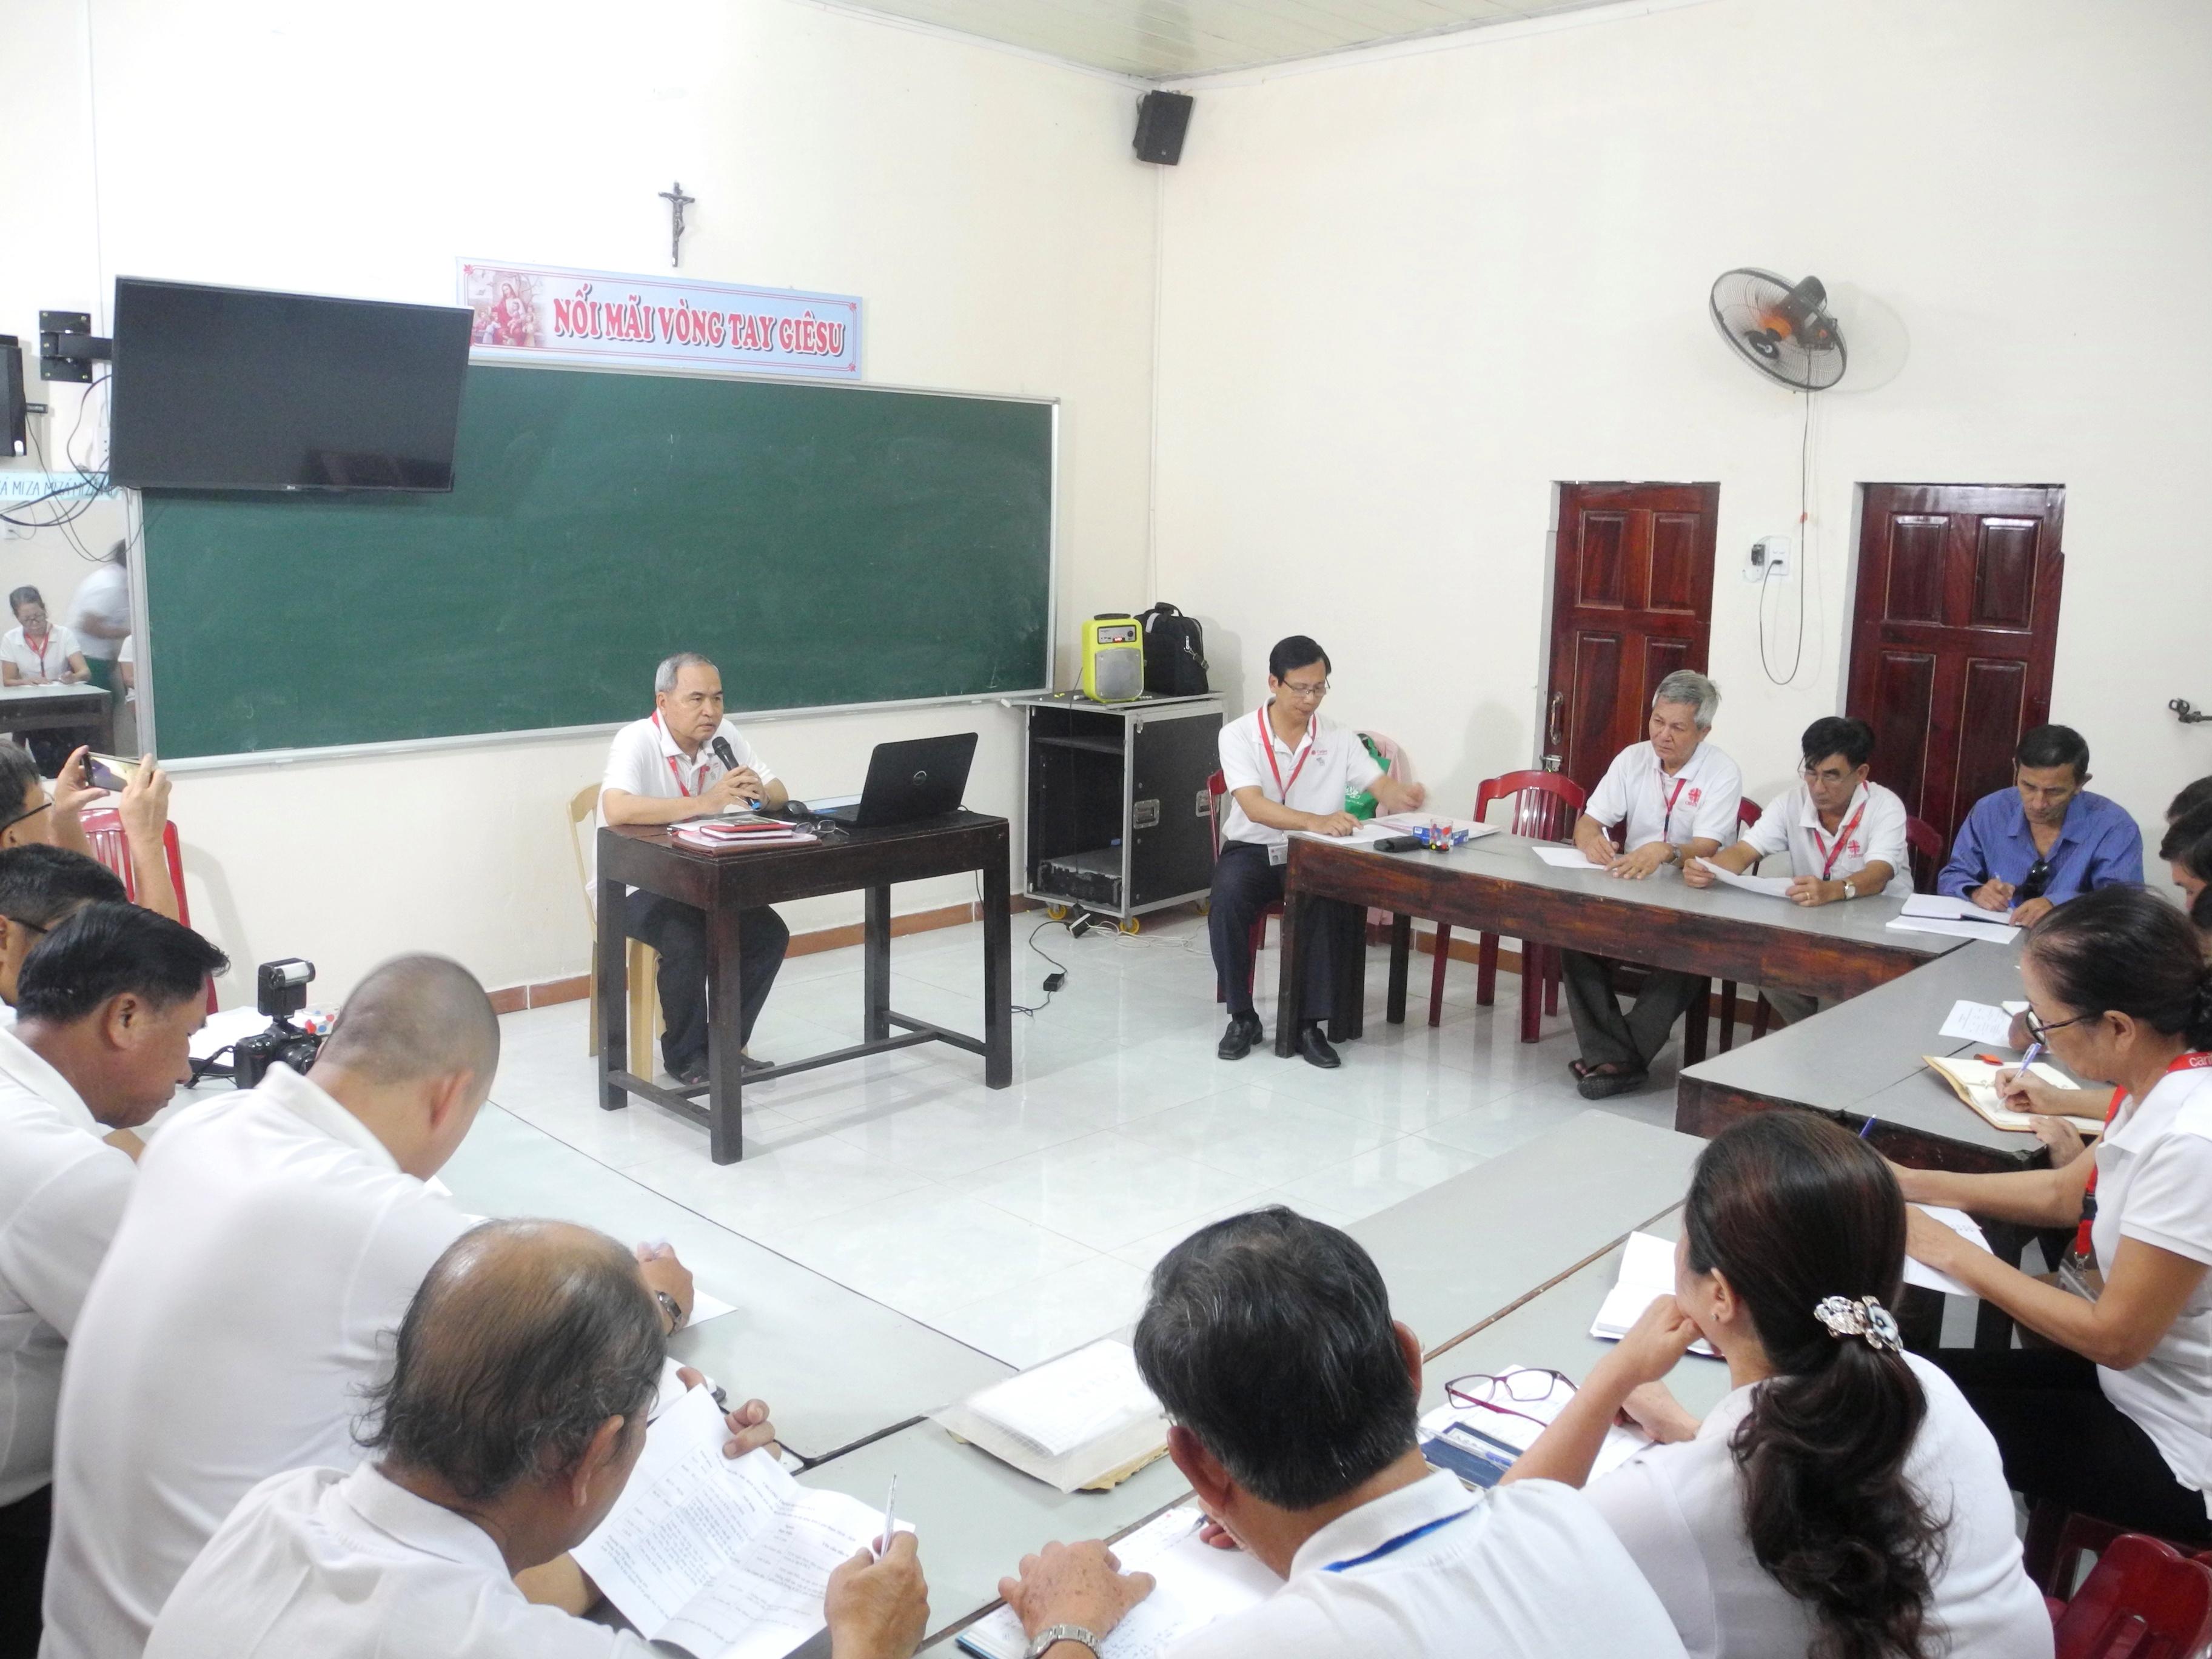 HỌC TẬP VÀ LÀM VIỆC THEO KẾ HOẠCH CHUNG - Caritas Đà Nẵng lập Kế hoạch Chiến lược giai đoạn 2018 – 2020